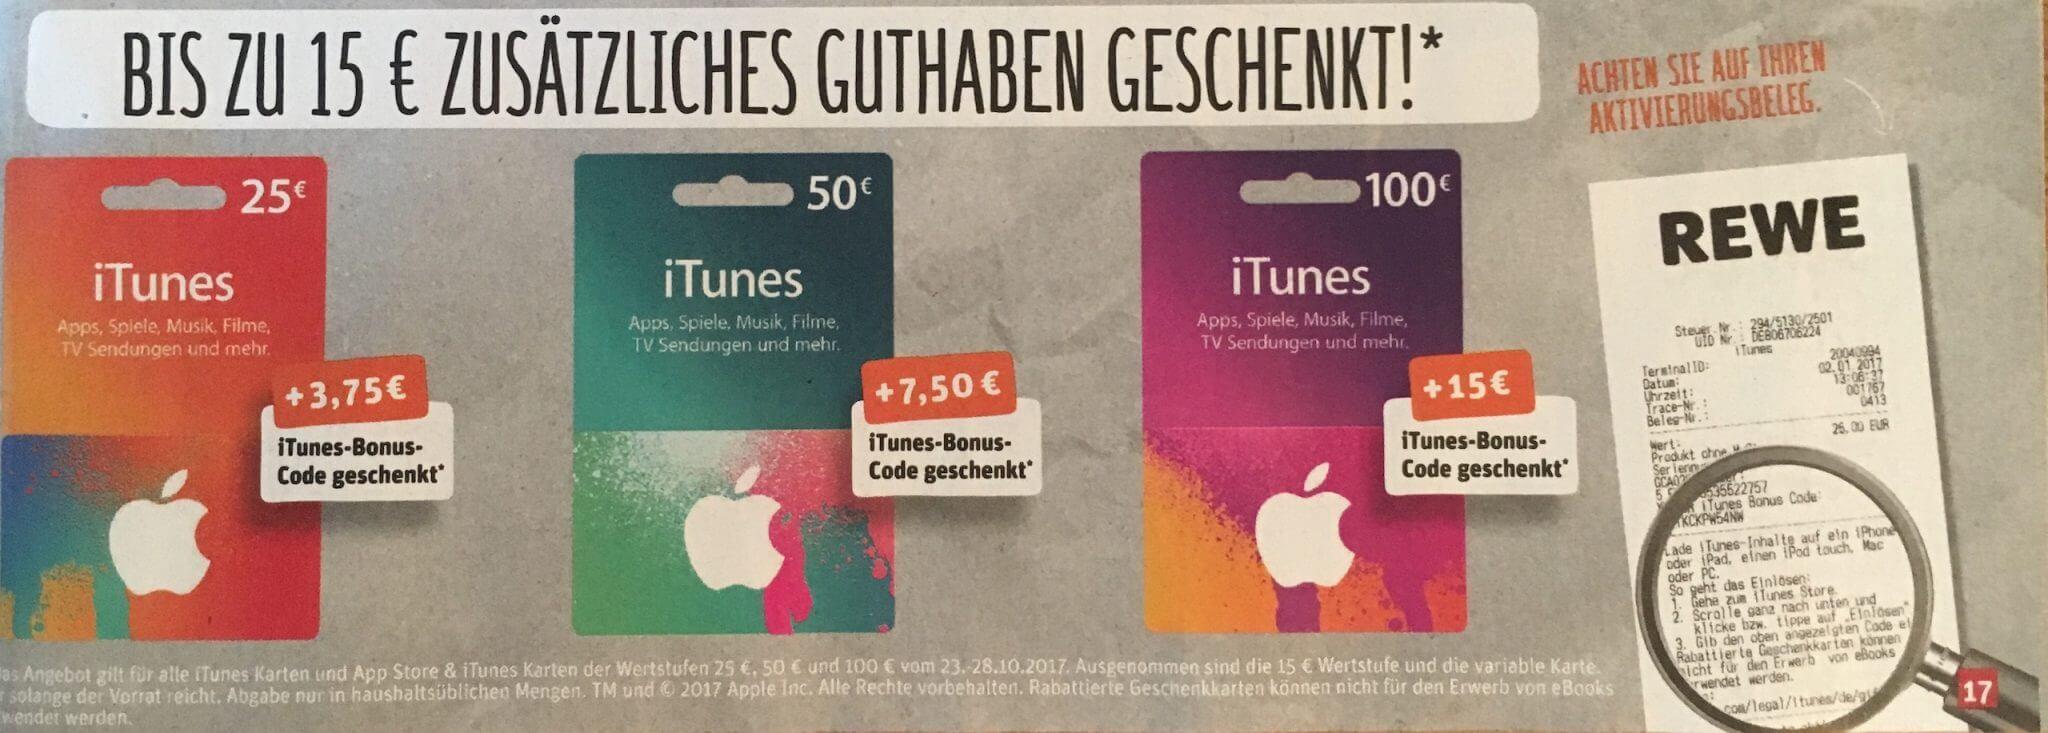 iTunes-Karten in der Zeit vom 23.10.2017 bis zum 28.10.2017 bei Rewe im Angebot (Foto vom Werbeprospekt)